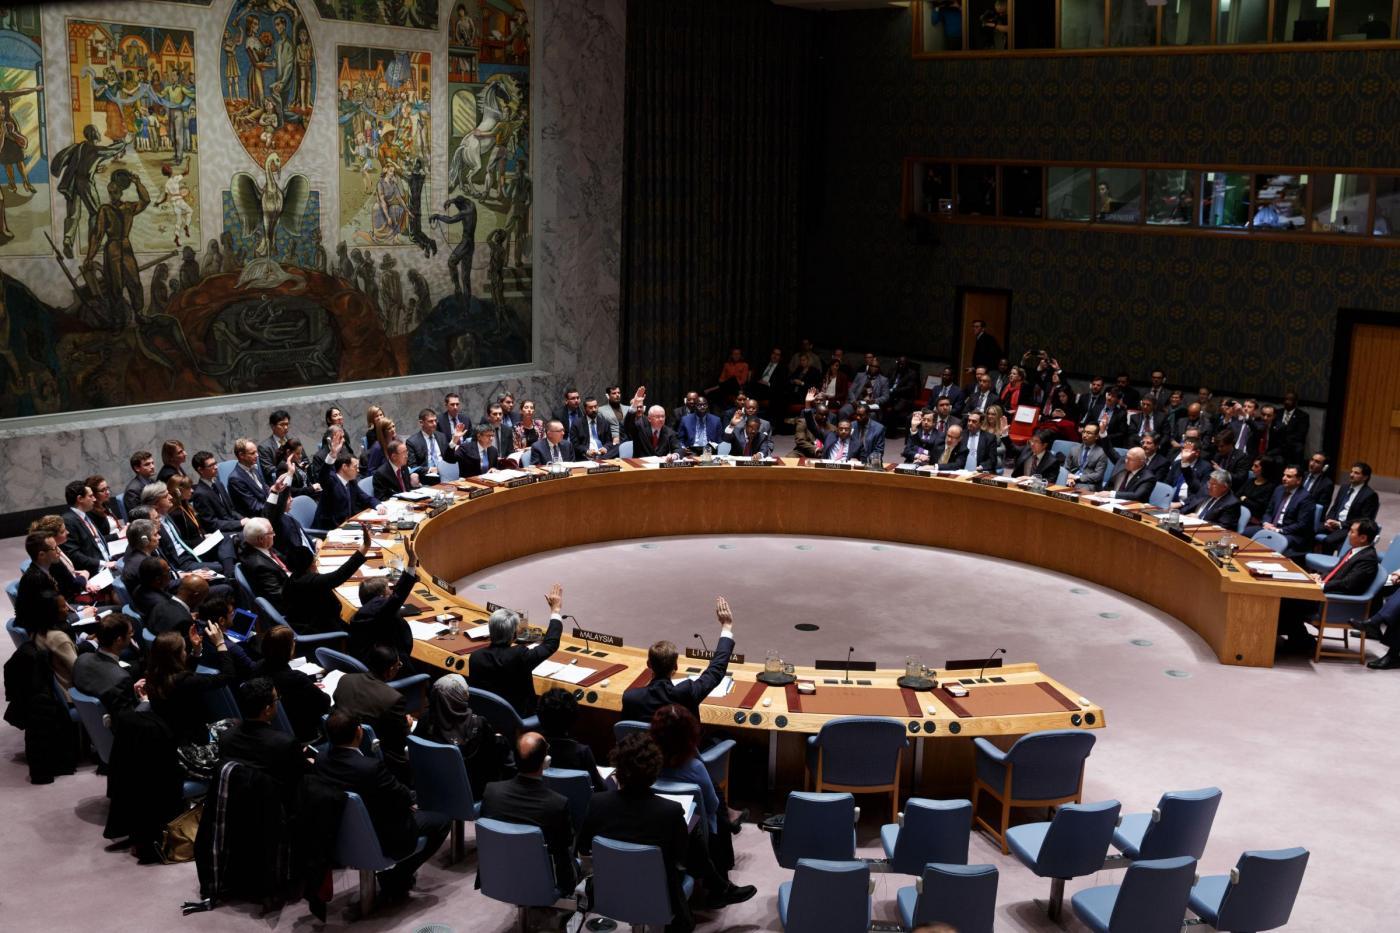 Cos'è l'Onu: storia, sede e Stati membri dell'organizzazione che tutela pace e sicurezza